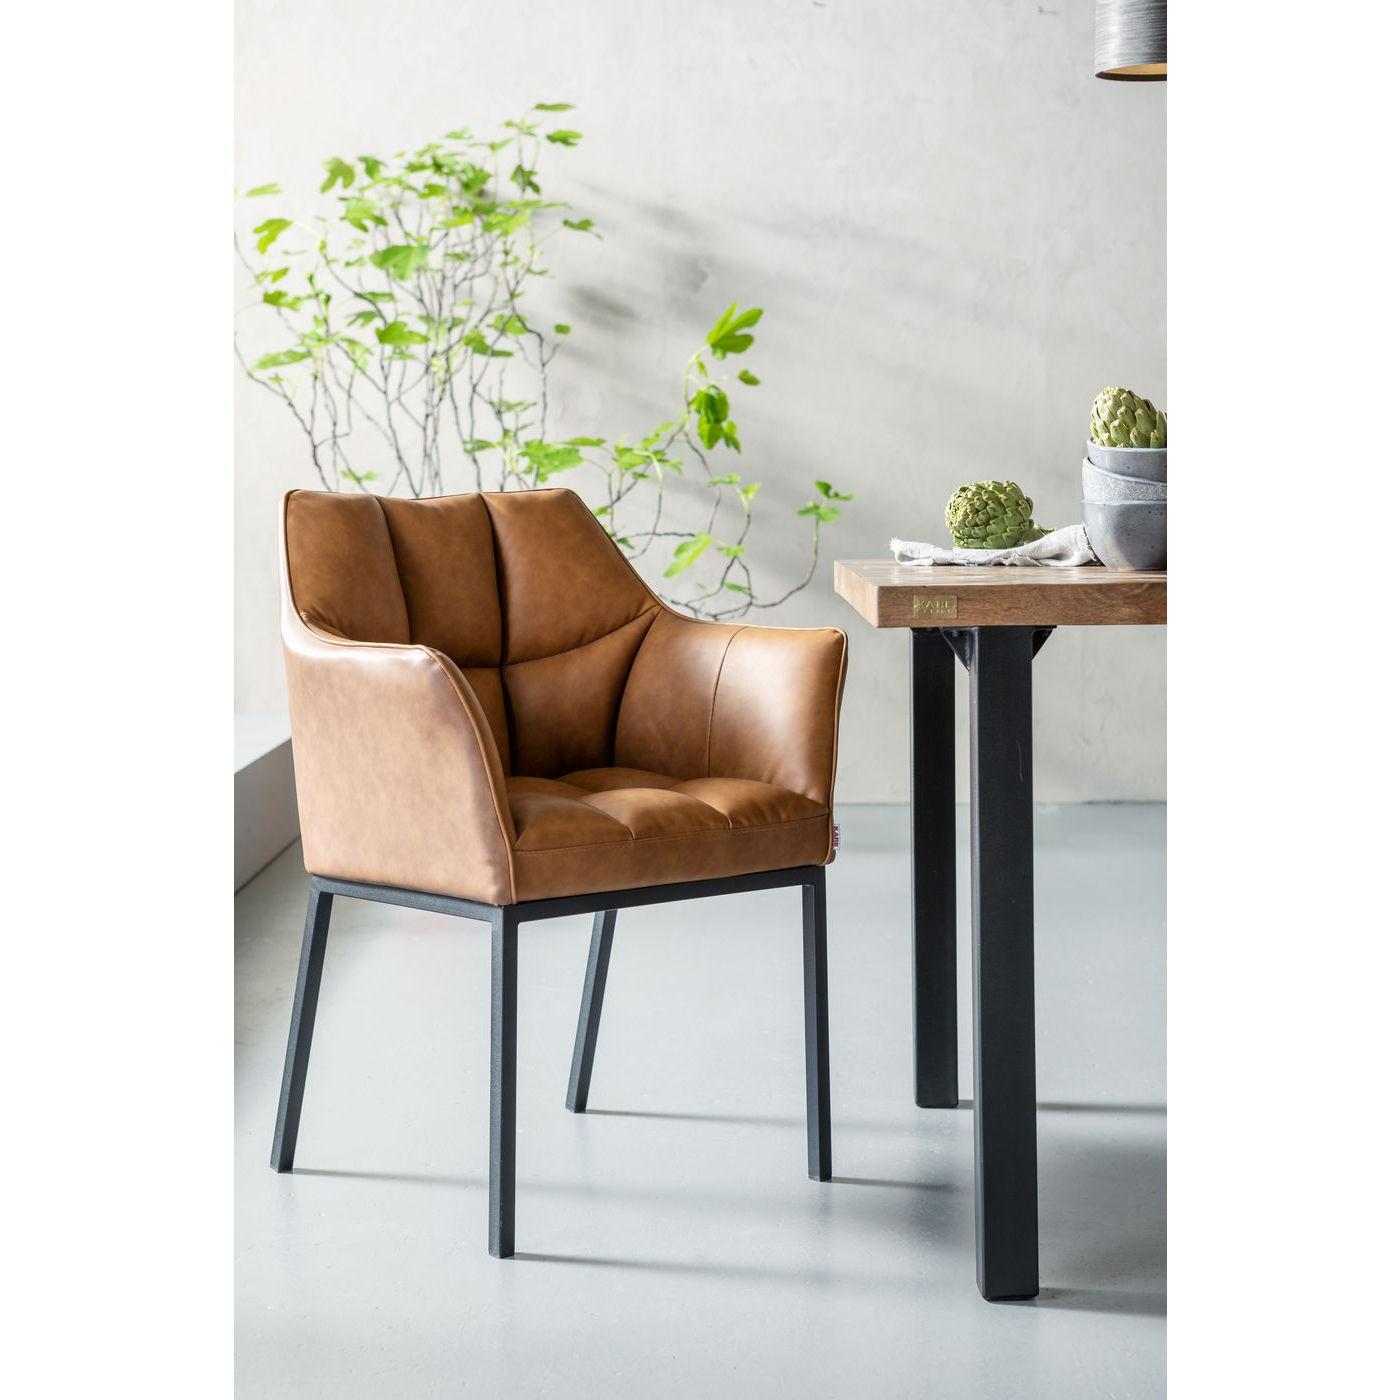 Chaise avec accoudoirs en cuir marron et acier